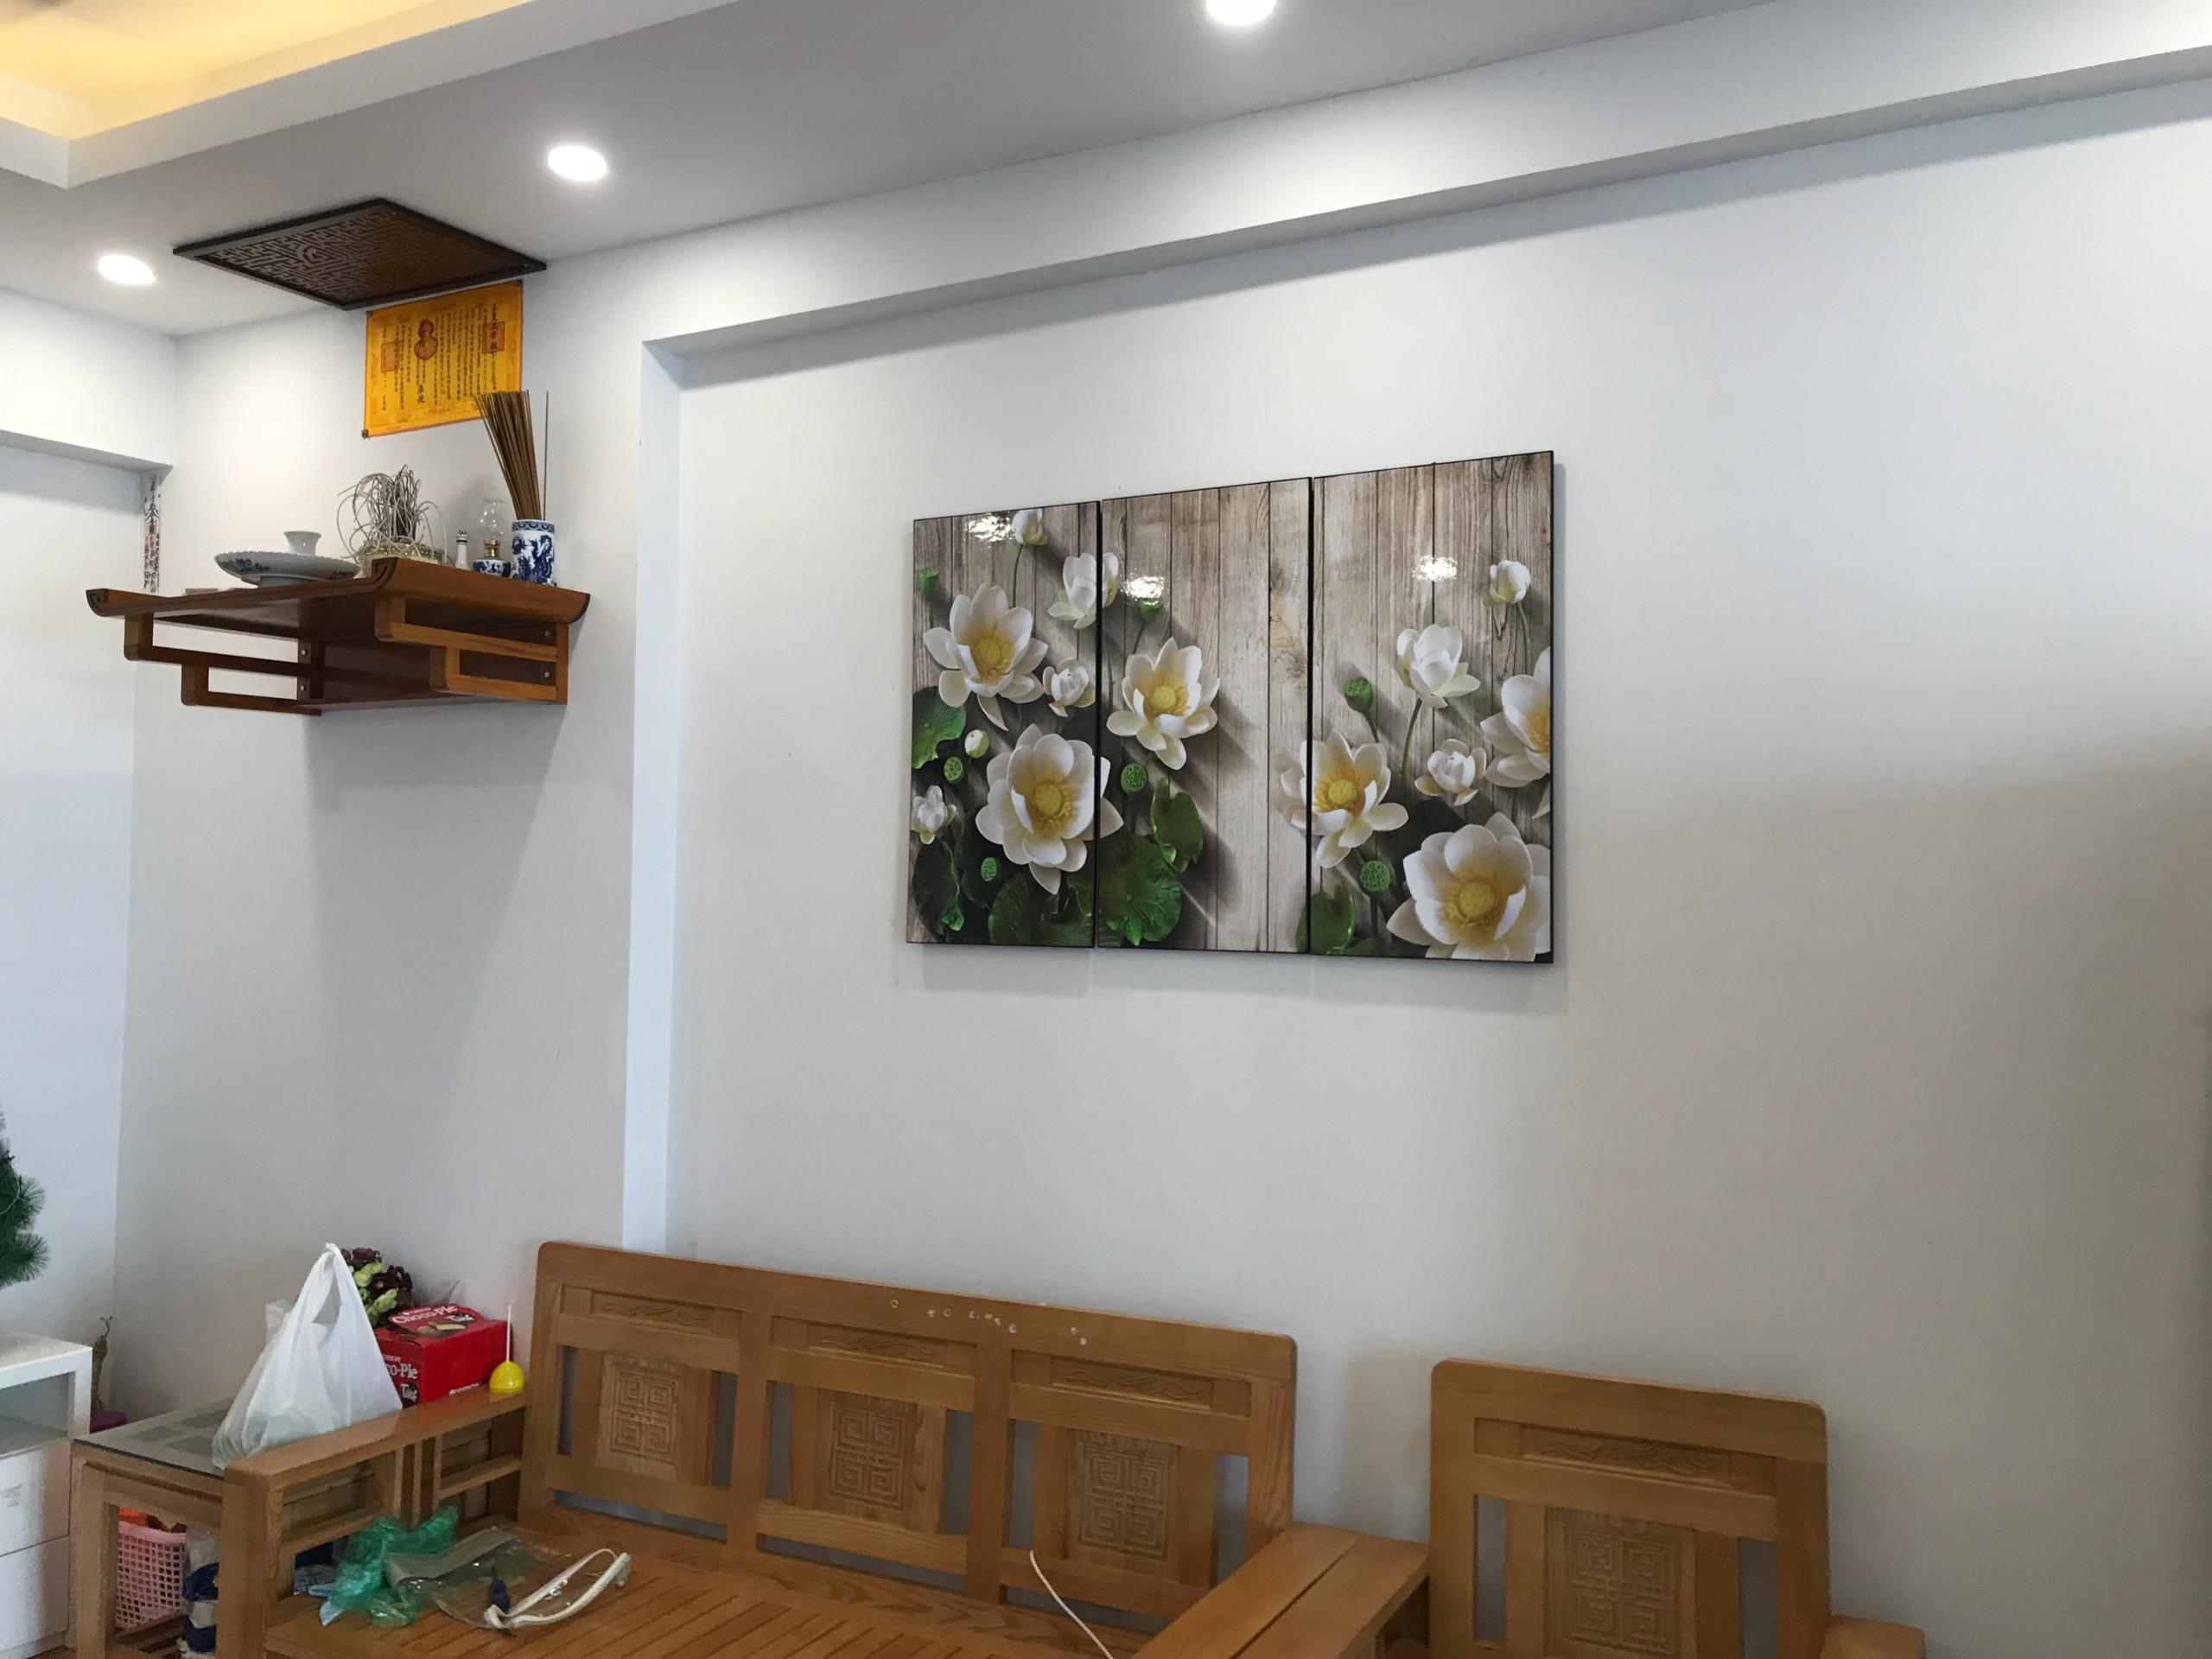 Hình ảnh tranh sen đẹp sống động được chụp tại nhà khách hàng của tranh treo tường Amia